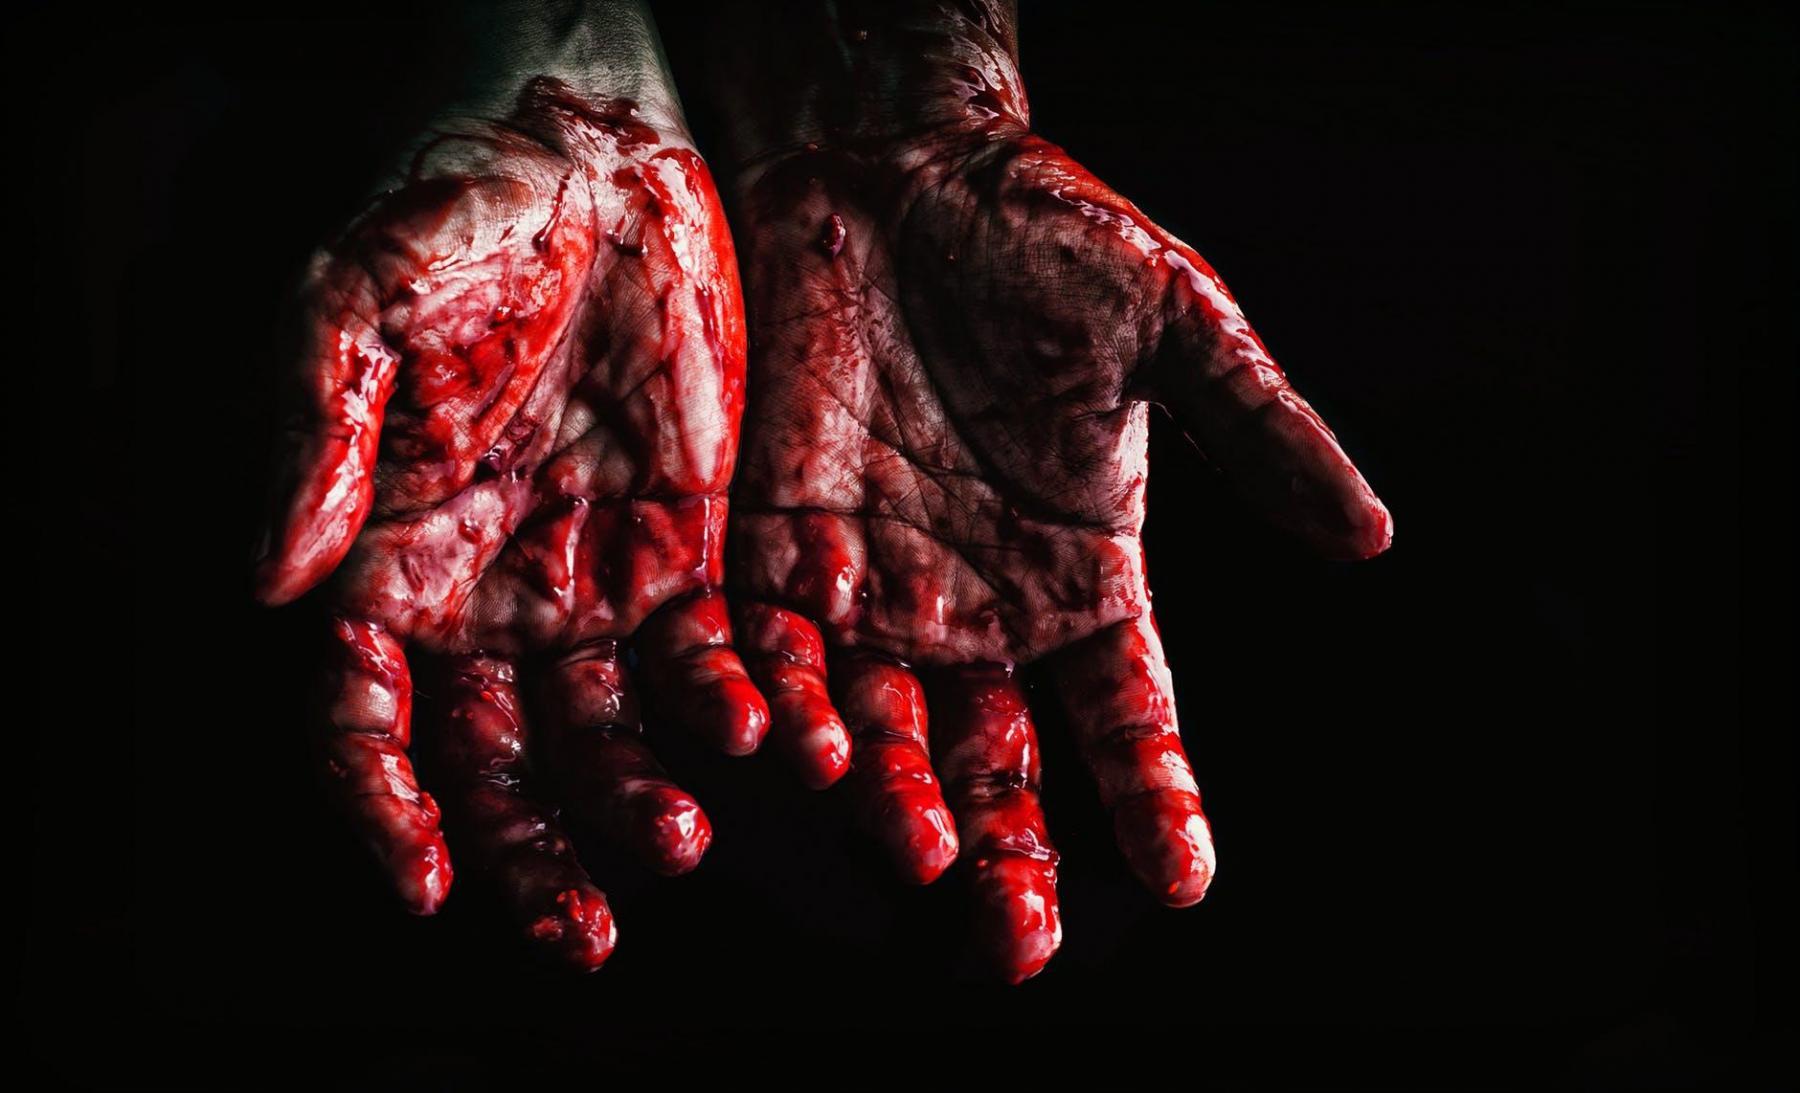 фото Рост пенсий с 1 апреля, жестокое убийство жены, издевательства над детьми и алкоголизм лабораторных мышей: главные новости 31 марта 2021 года – в одном материале 5